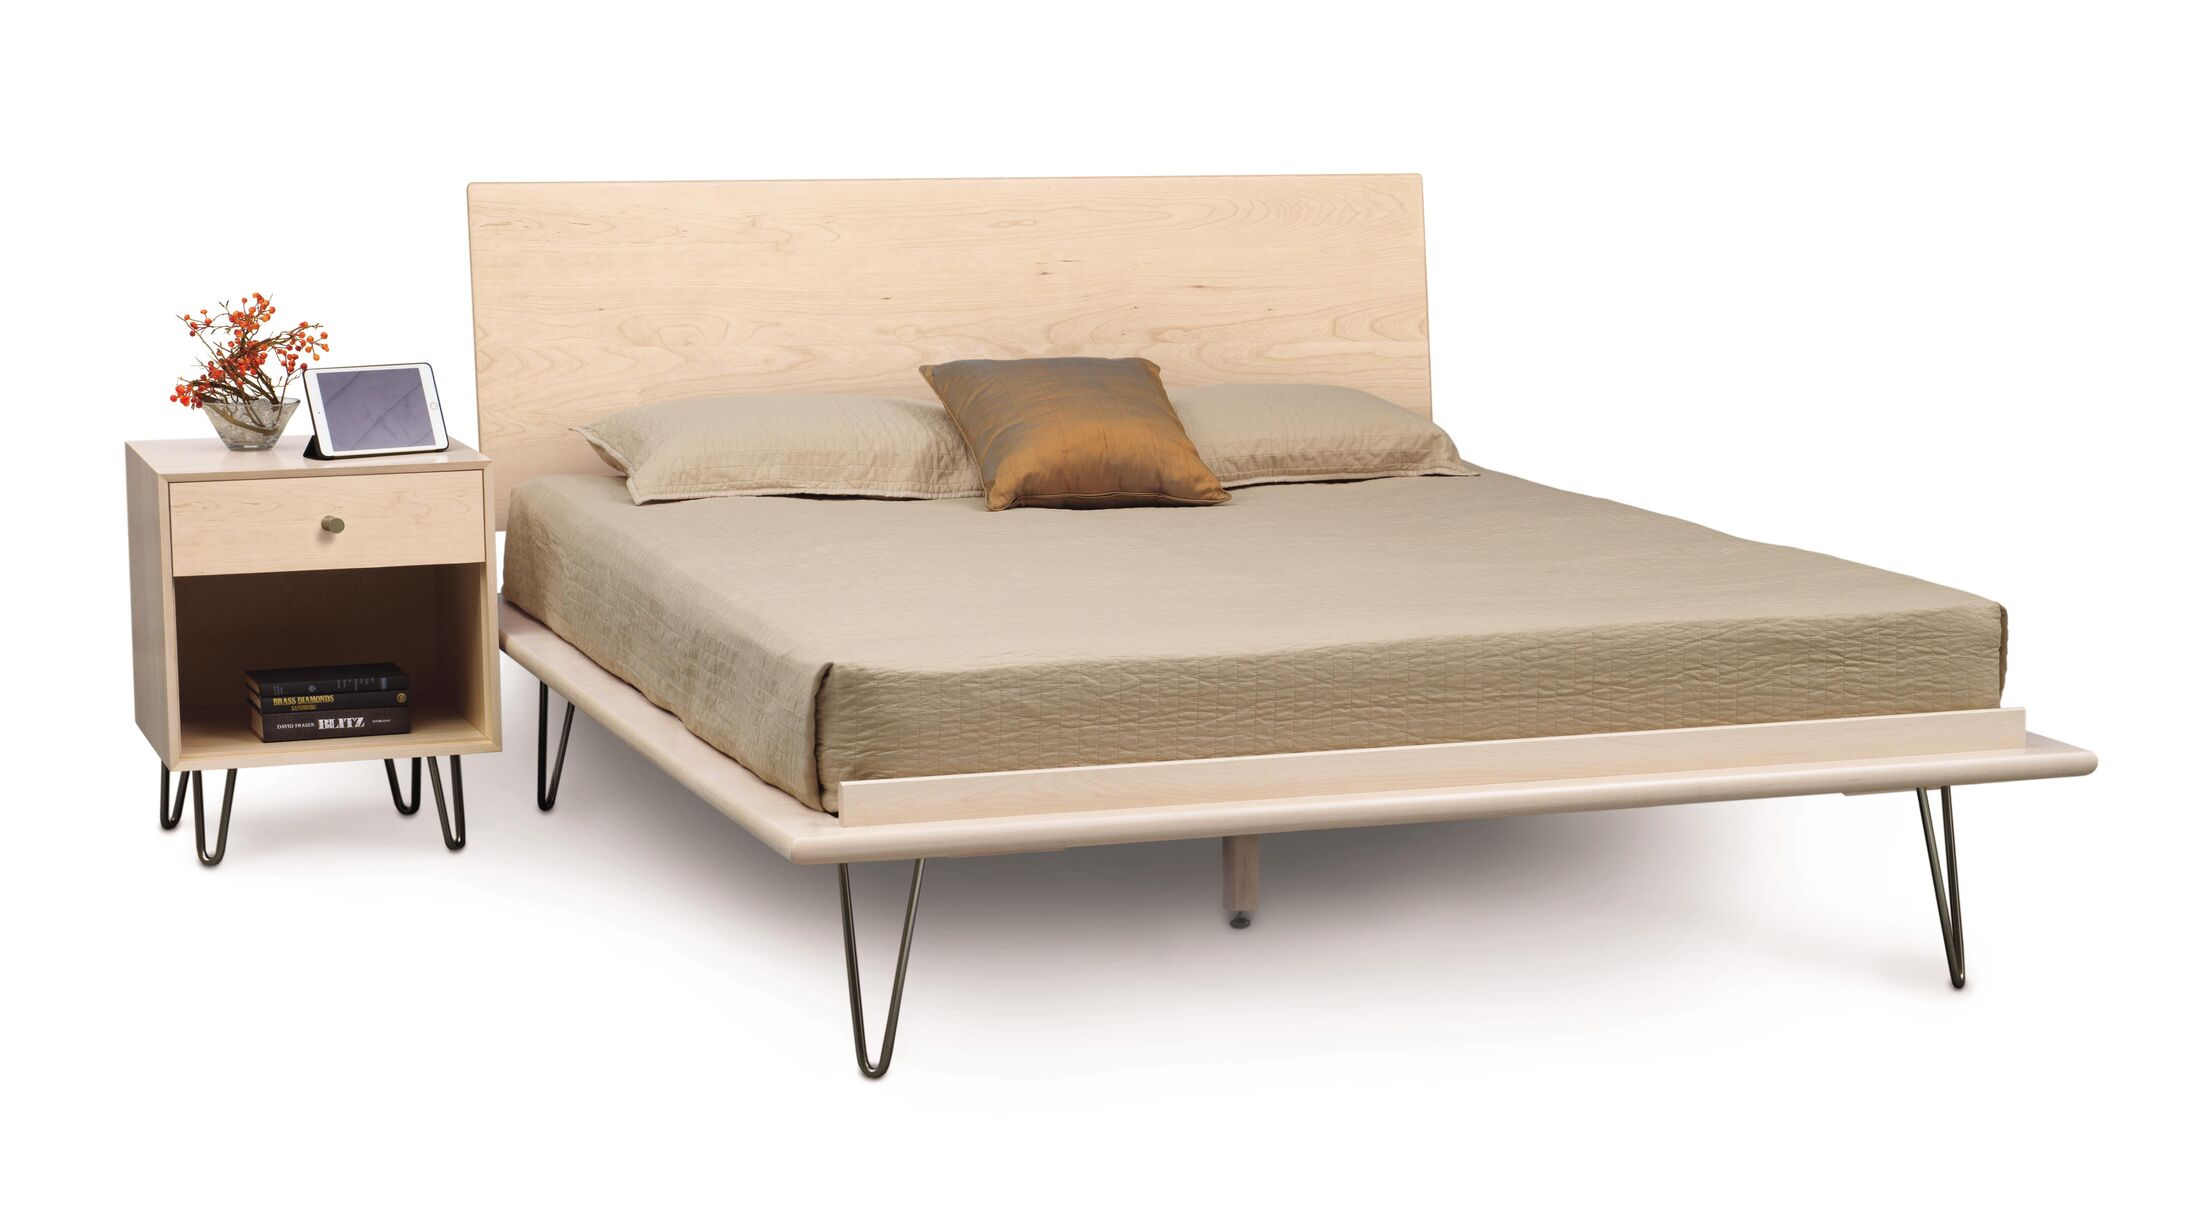 Canvas Platform Bed Size: Queen, Color: Parchment Maple, Leg Material: Metal